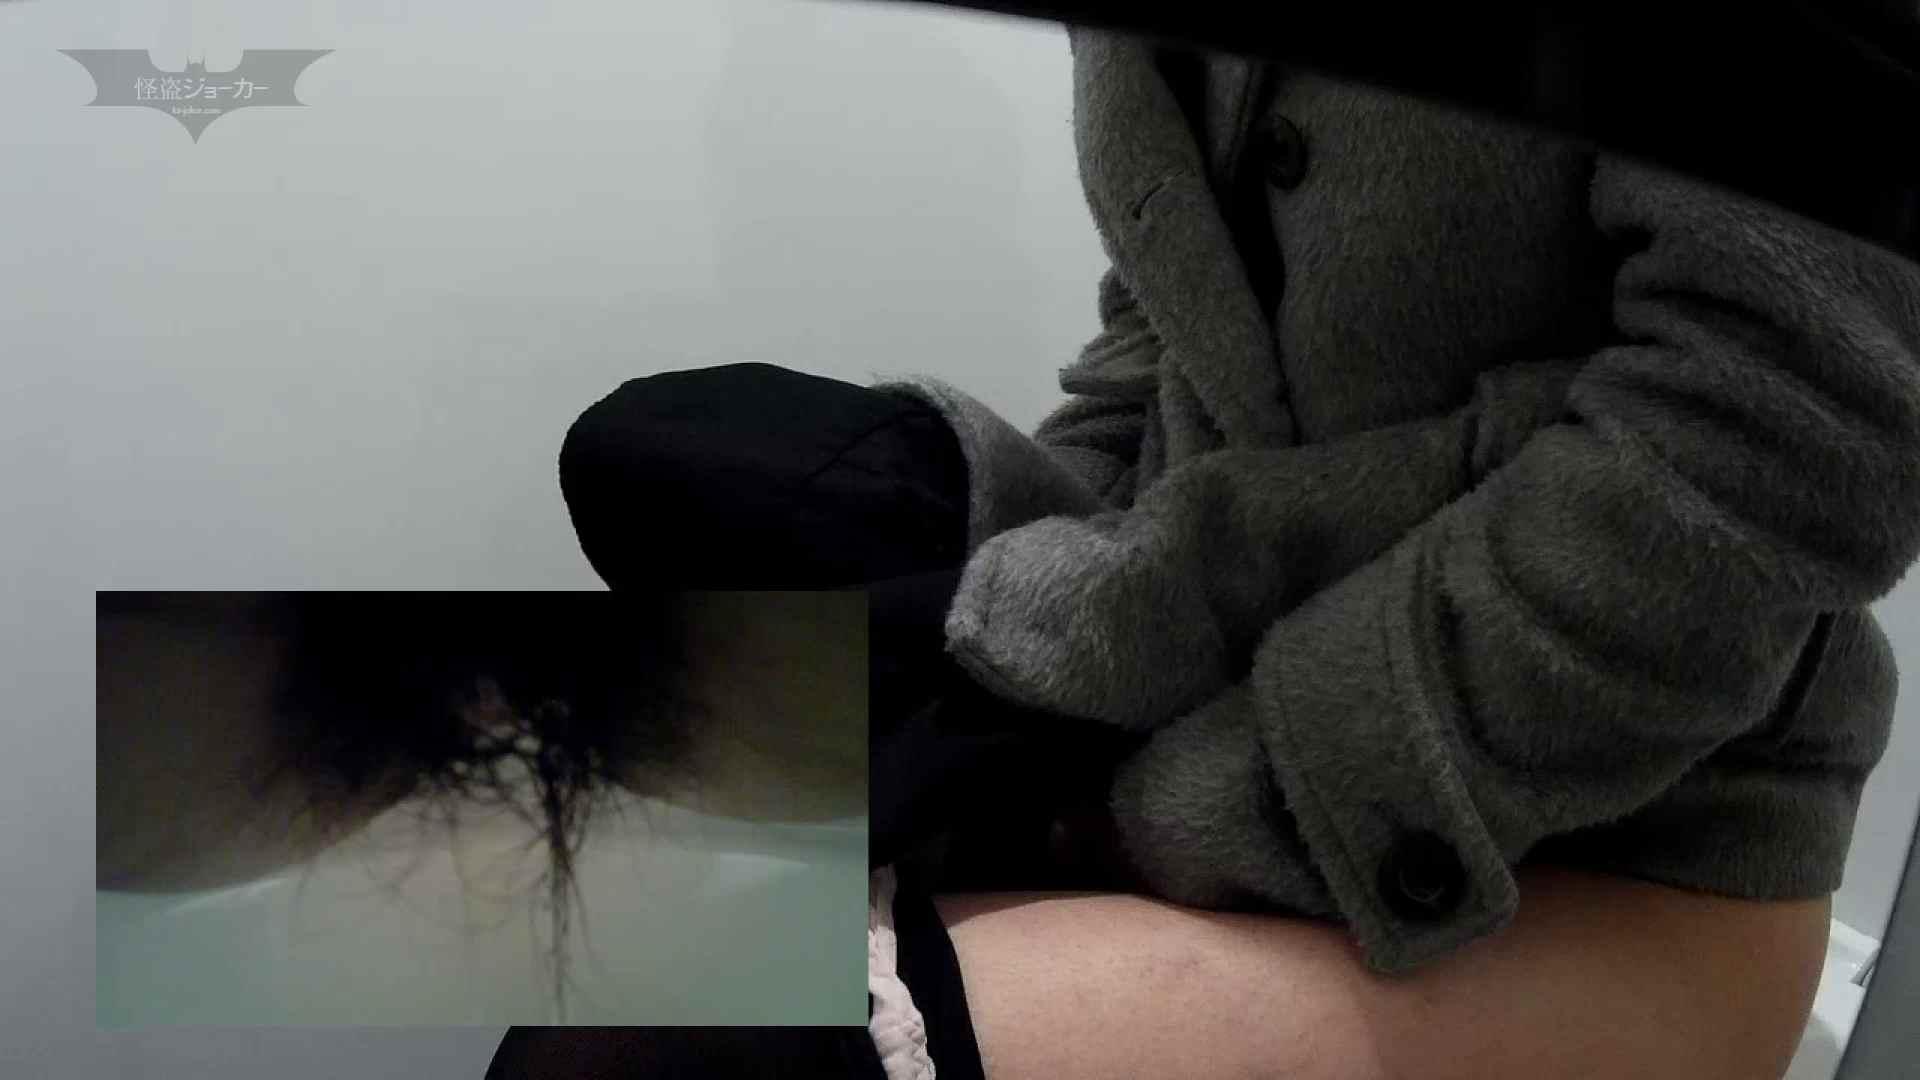 有名大学女性洗面所 vol.58 アンダーヘアーも冬支度? ギャル攻め オメコ無修正動画無料 111画像 72